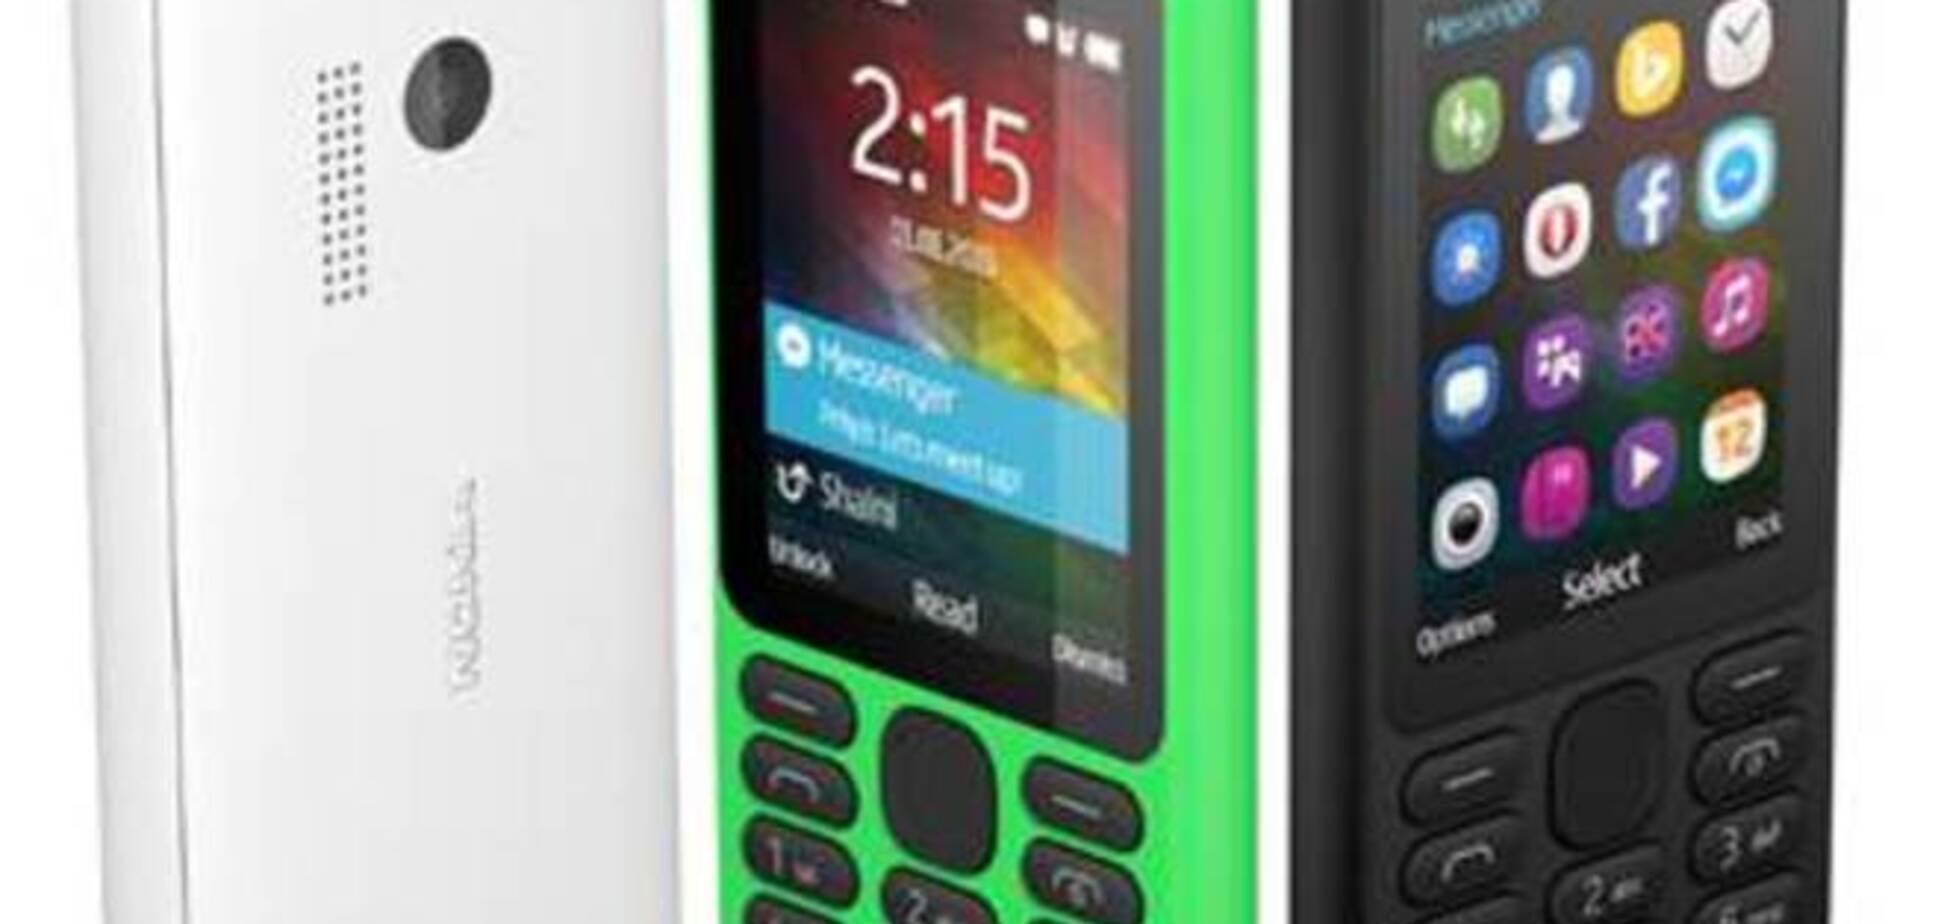 В Украине начались продажи самого дешевого телефона от Microsoft -  Nokia 215